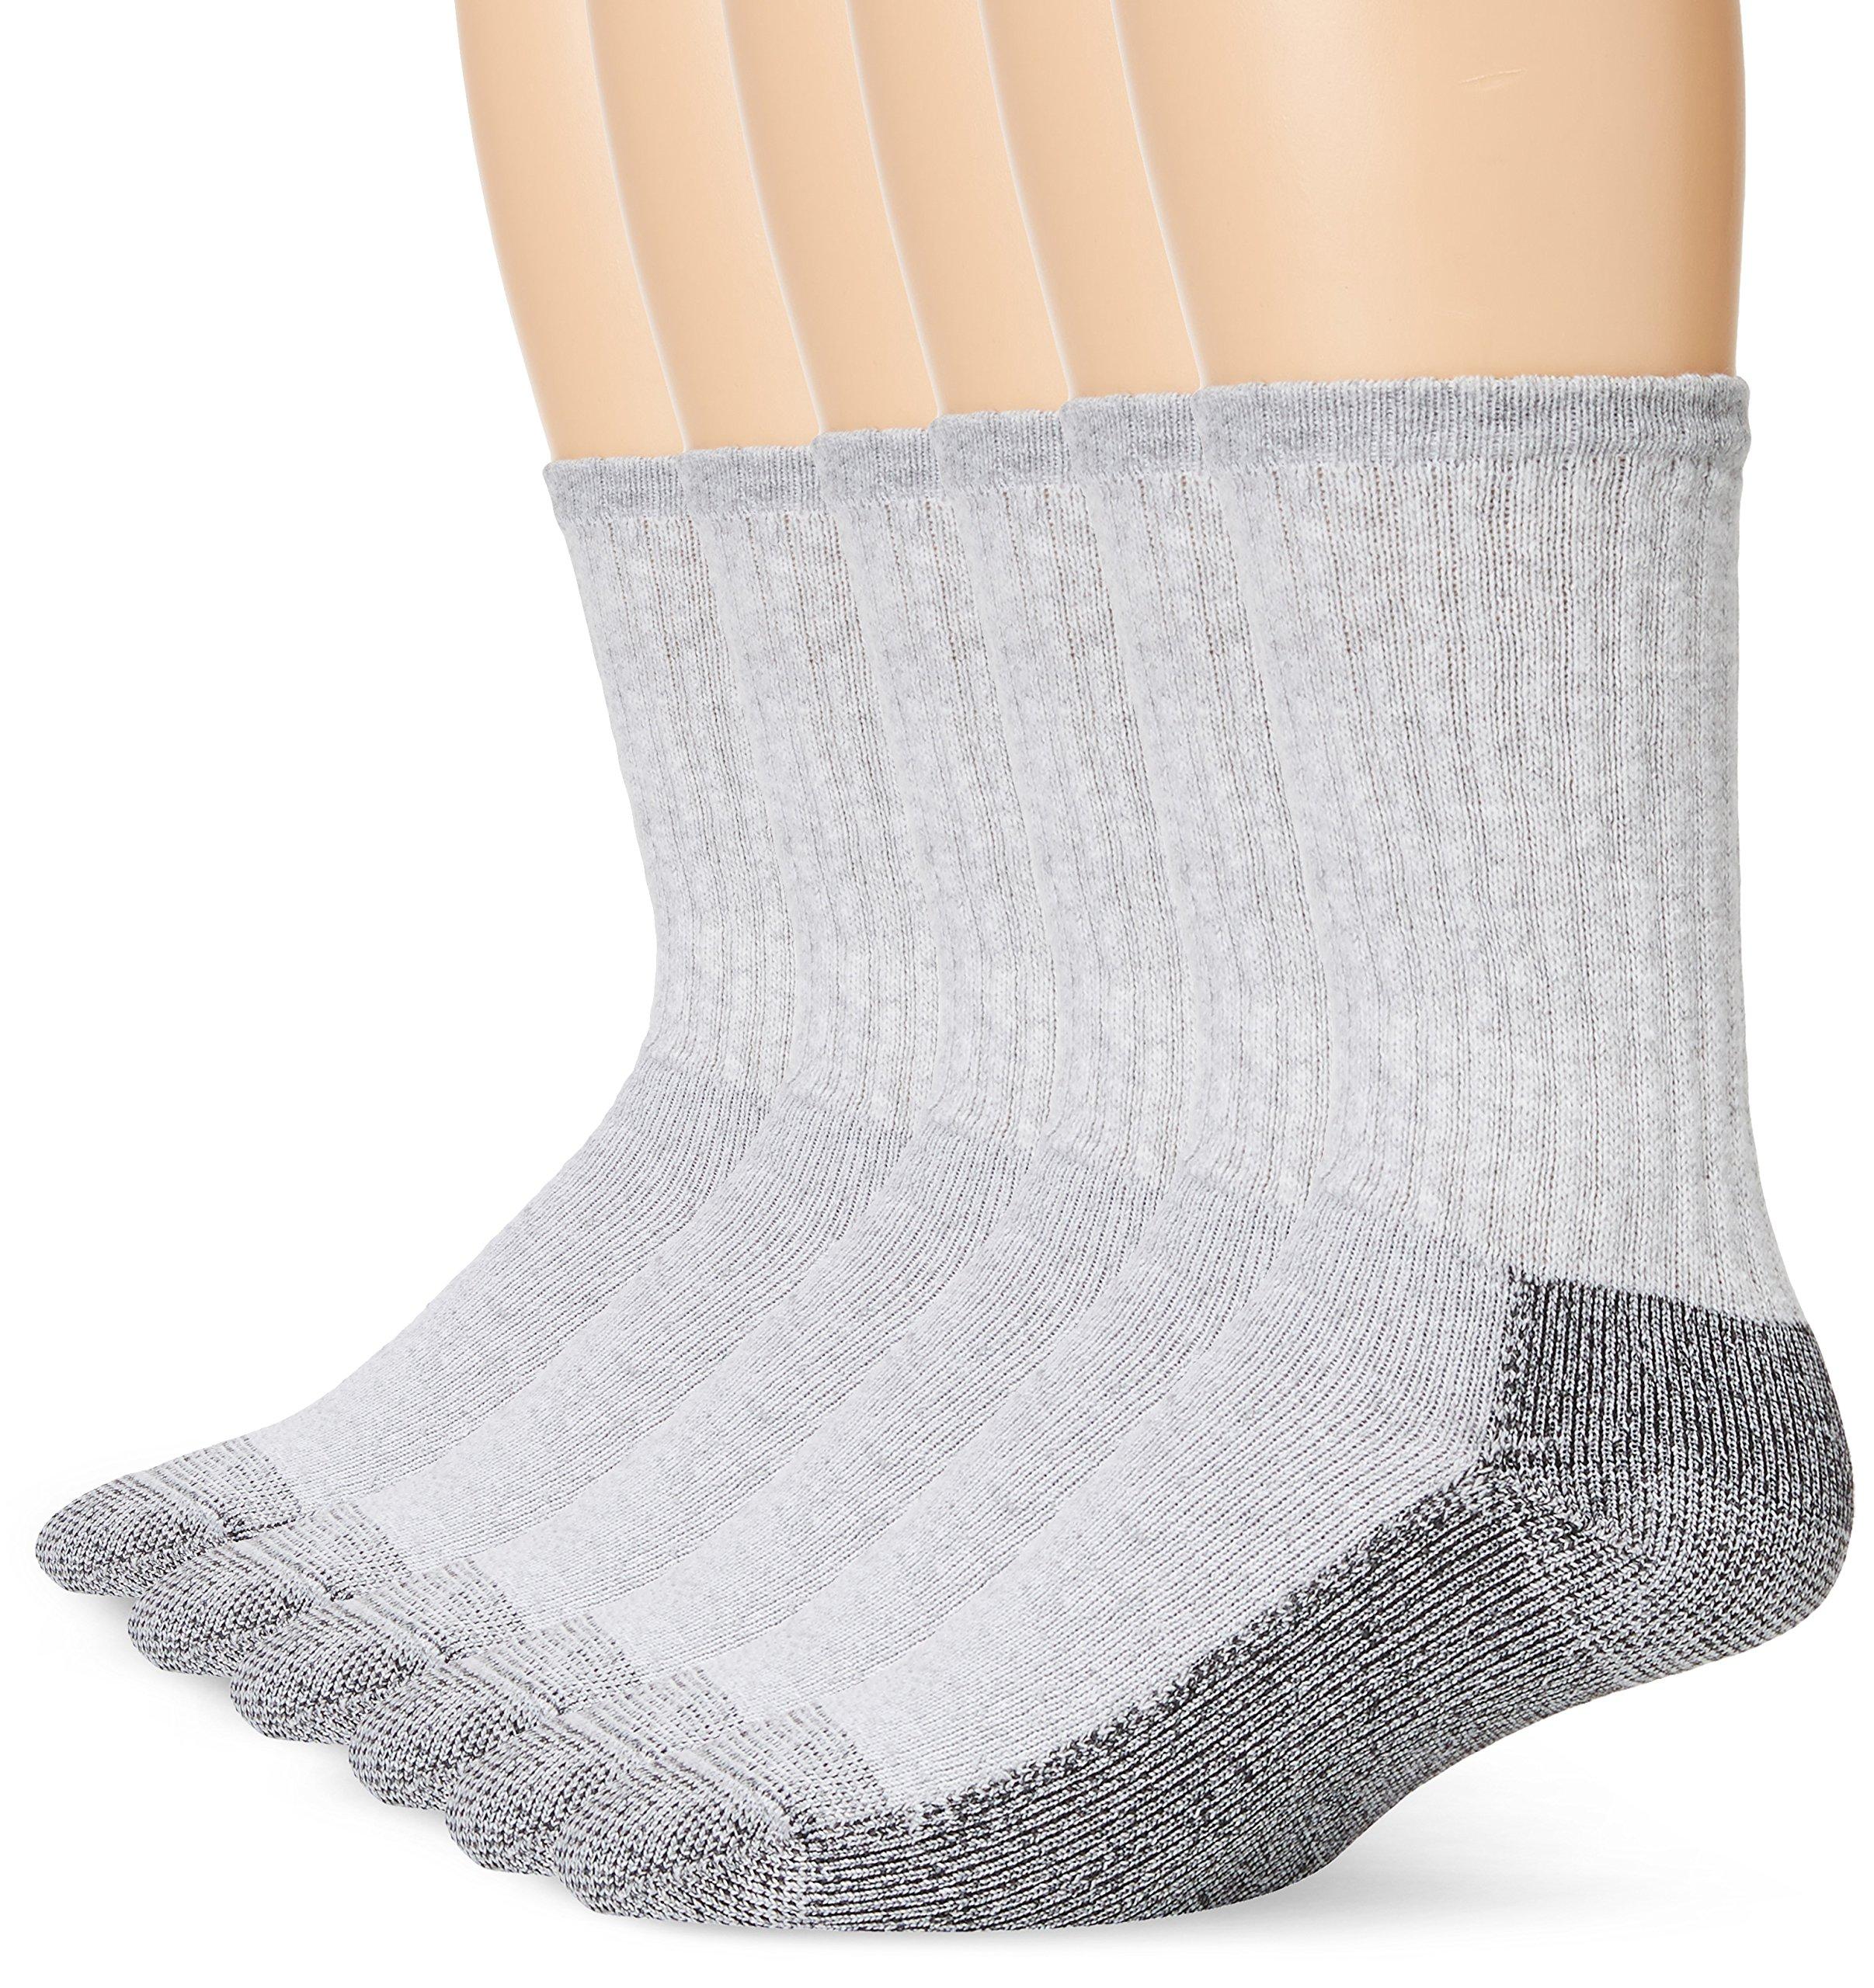 Fruit Of The Loom Men's 6 Pack Heavy Duty Reinforced Crew Socks, Grey, Shoe Size 6-12/Sock Size 10-13